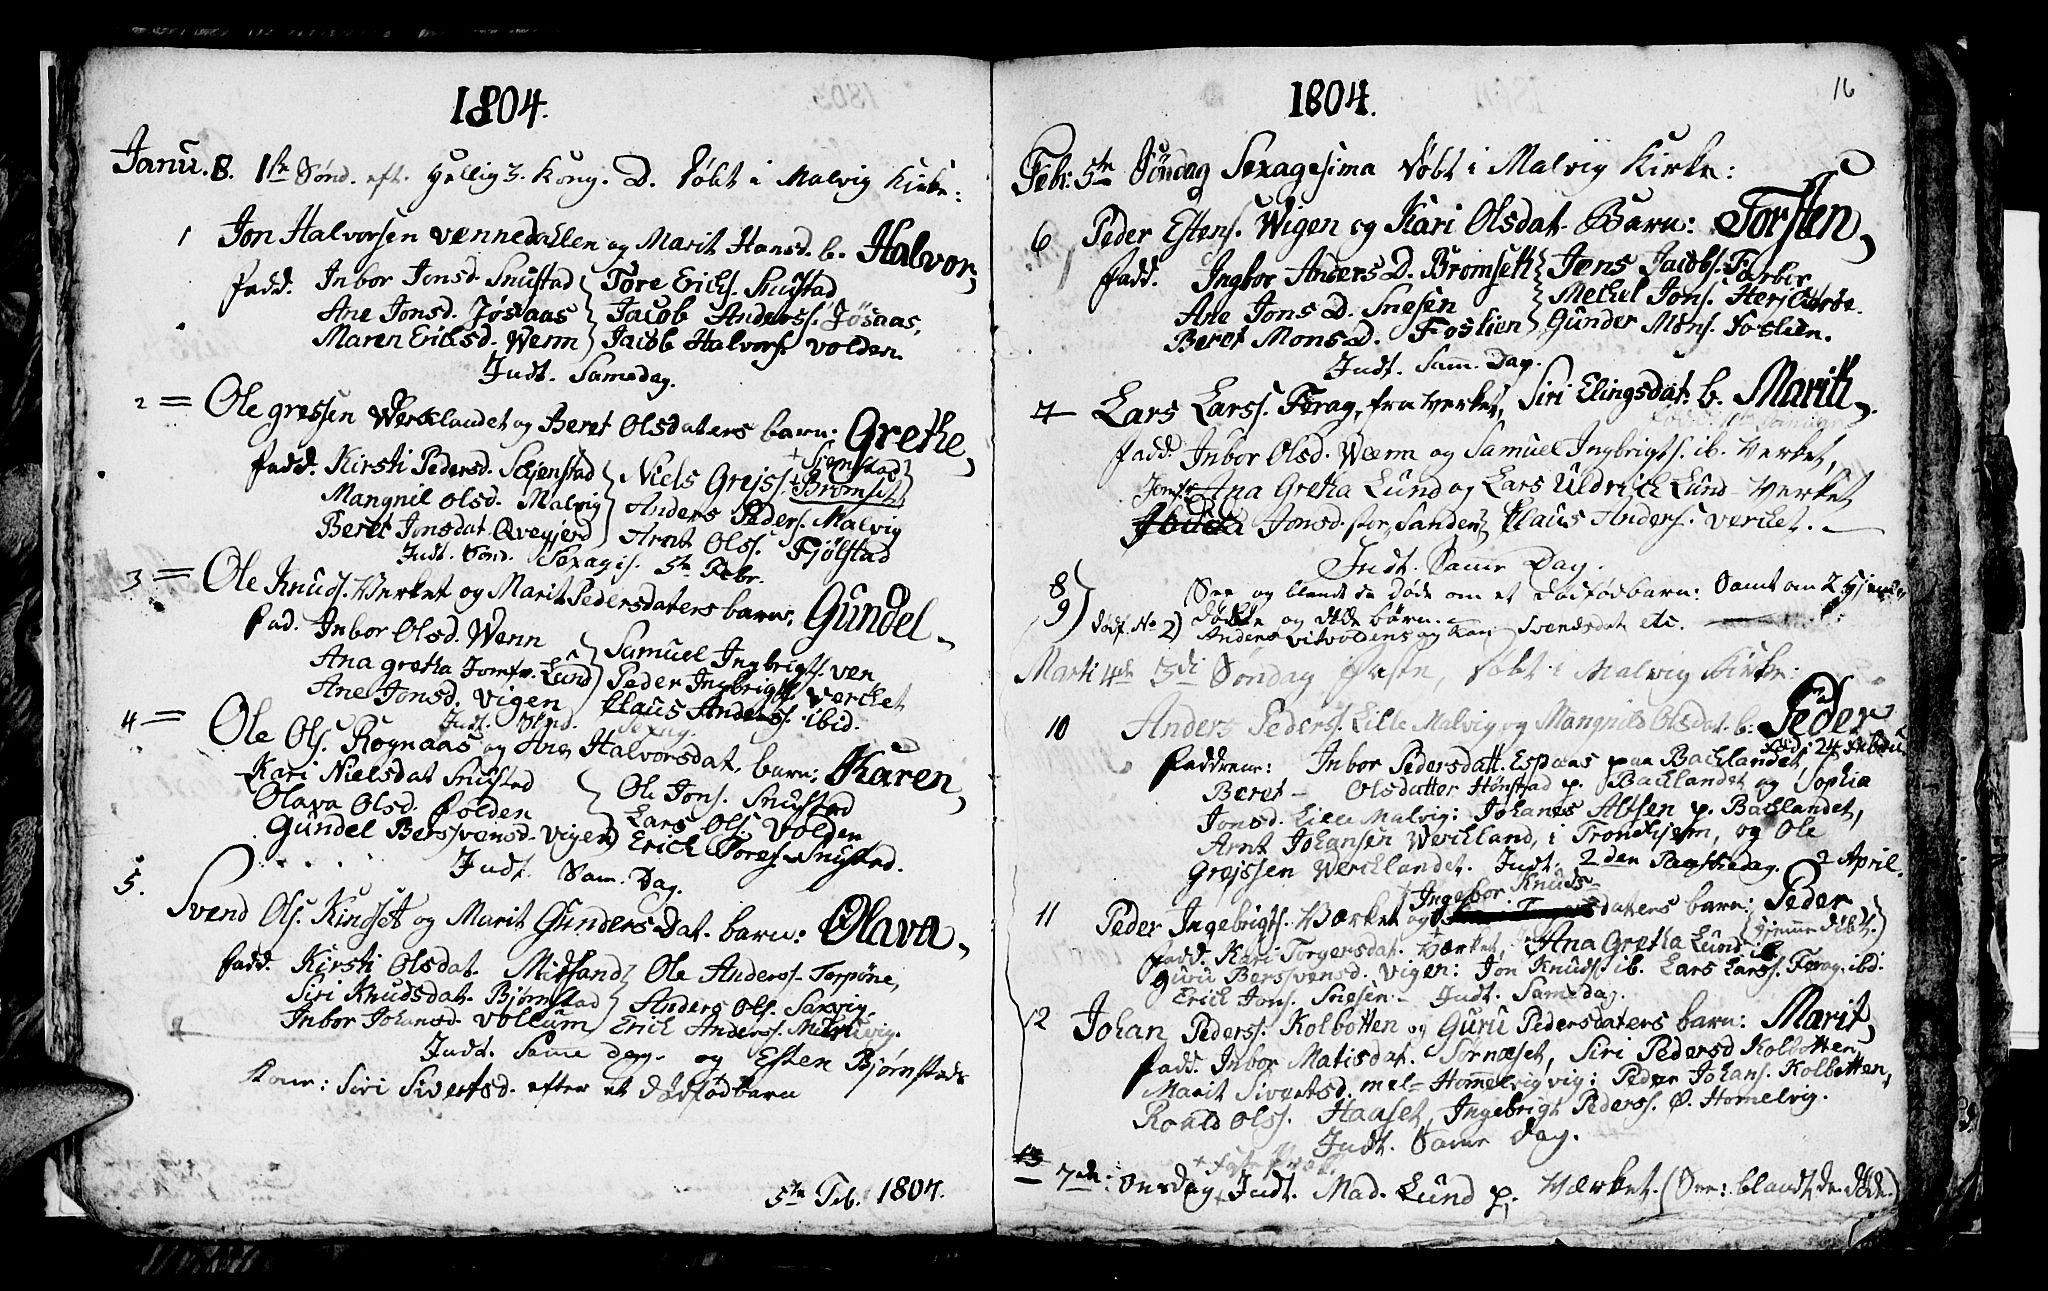 SAT, Ministerialprotokoller, klokkerbøker og fødselsregistre - Sør-Trøndelag, 616/L0419: Klokkerbok nr. 616C02, 1797-1816, s. 16